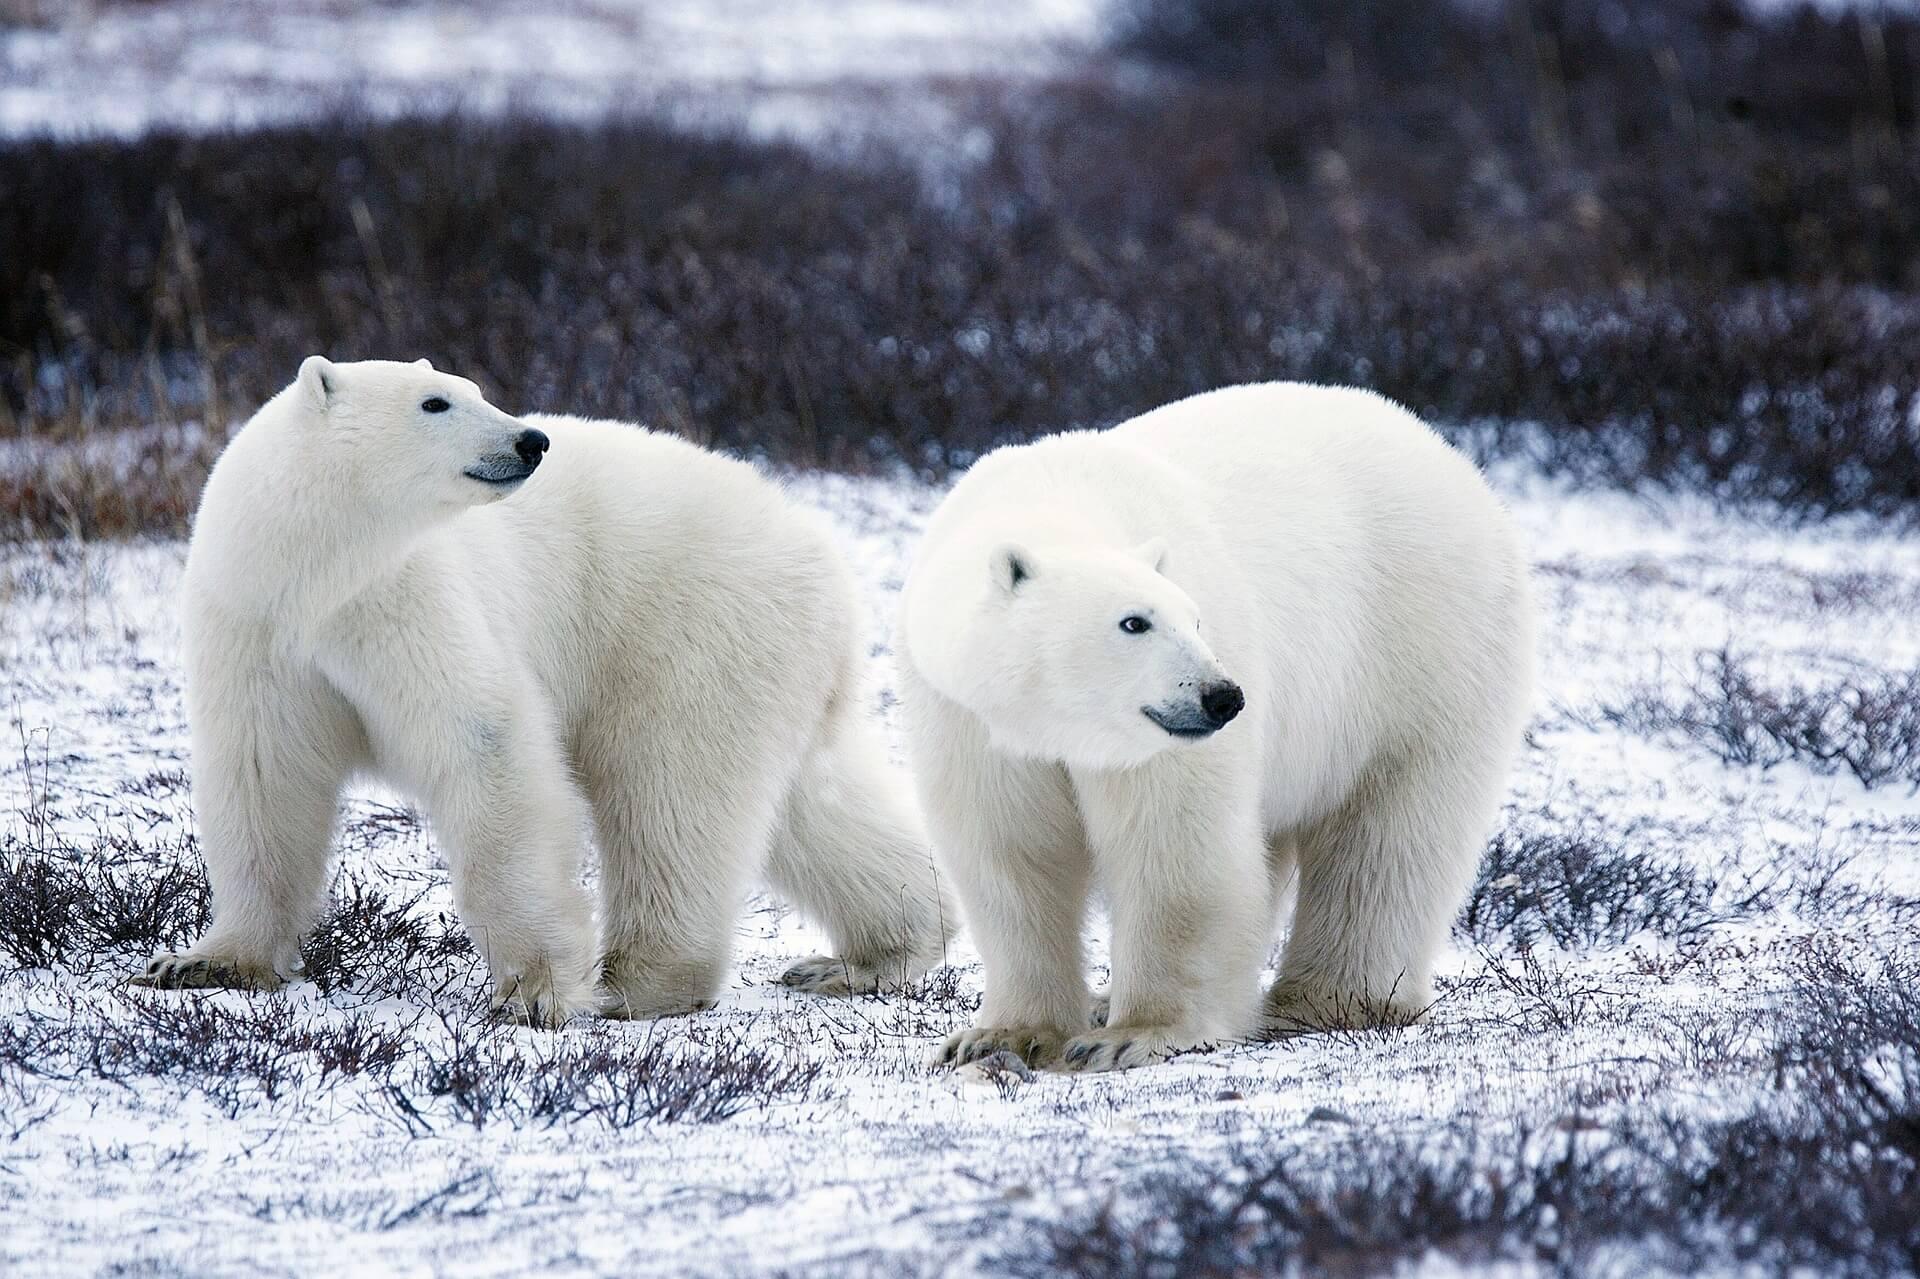 Polar bears in the arctic - high on my adventure bucket list